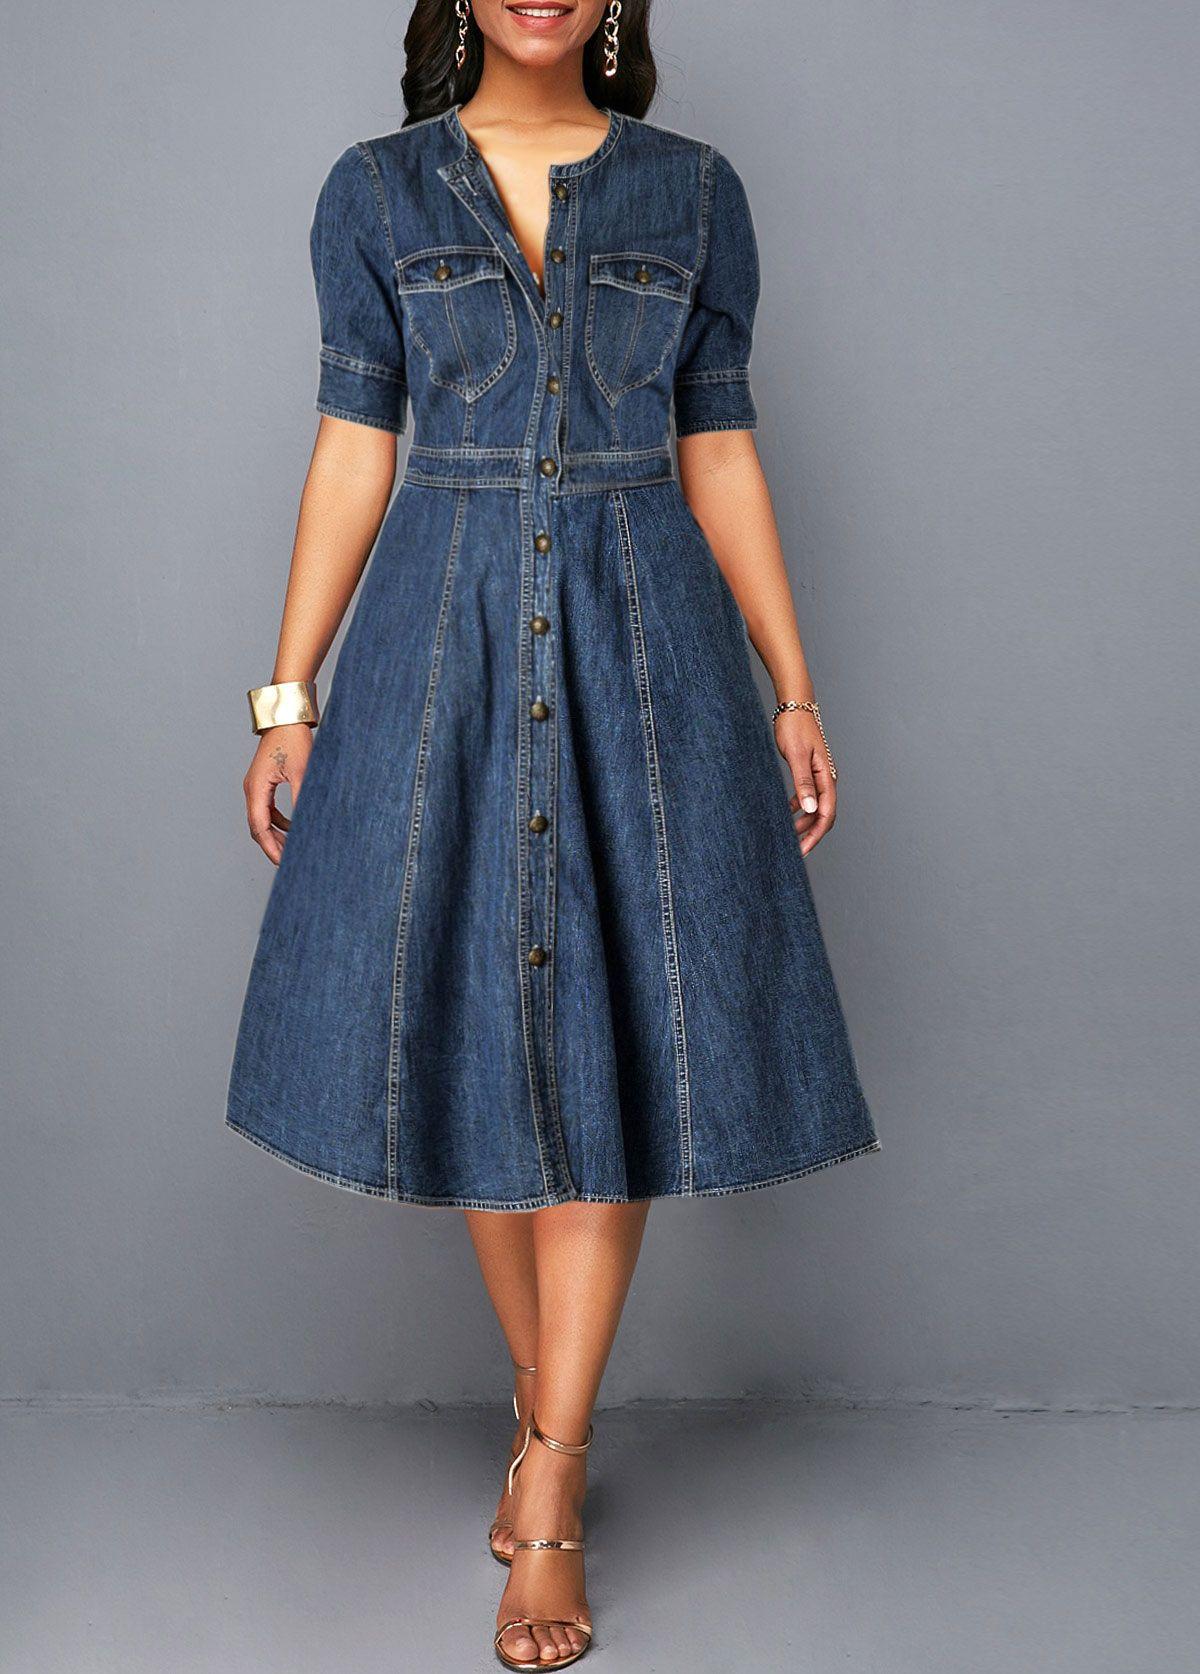 15+ Womens blue jean dress ideas in 2021